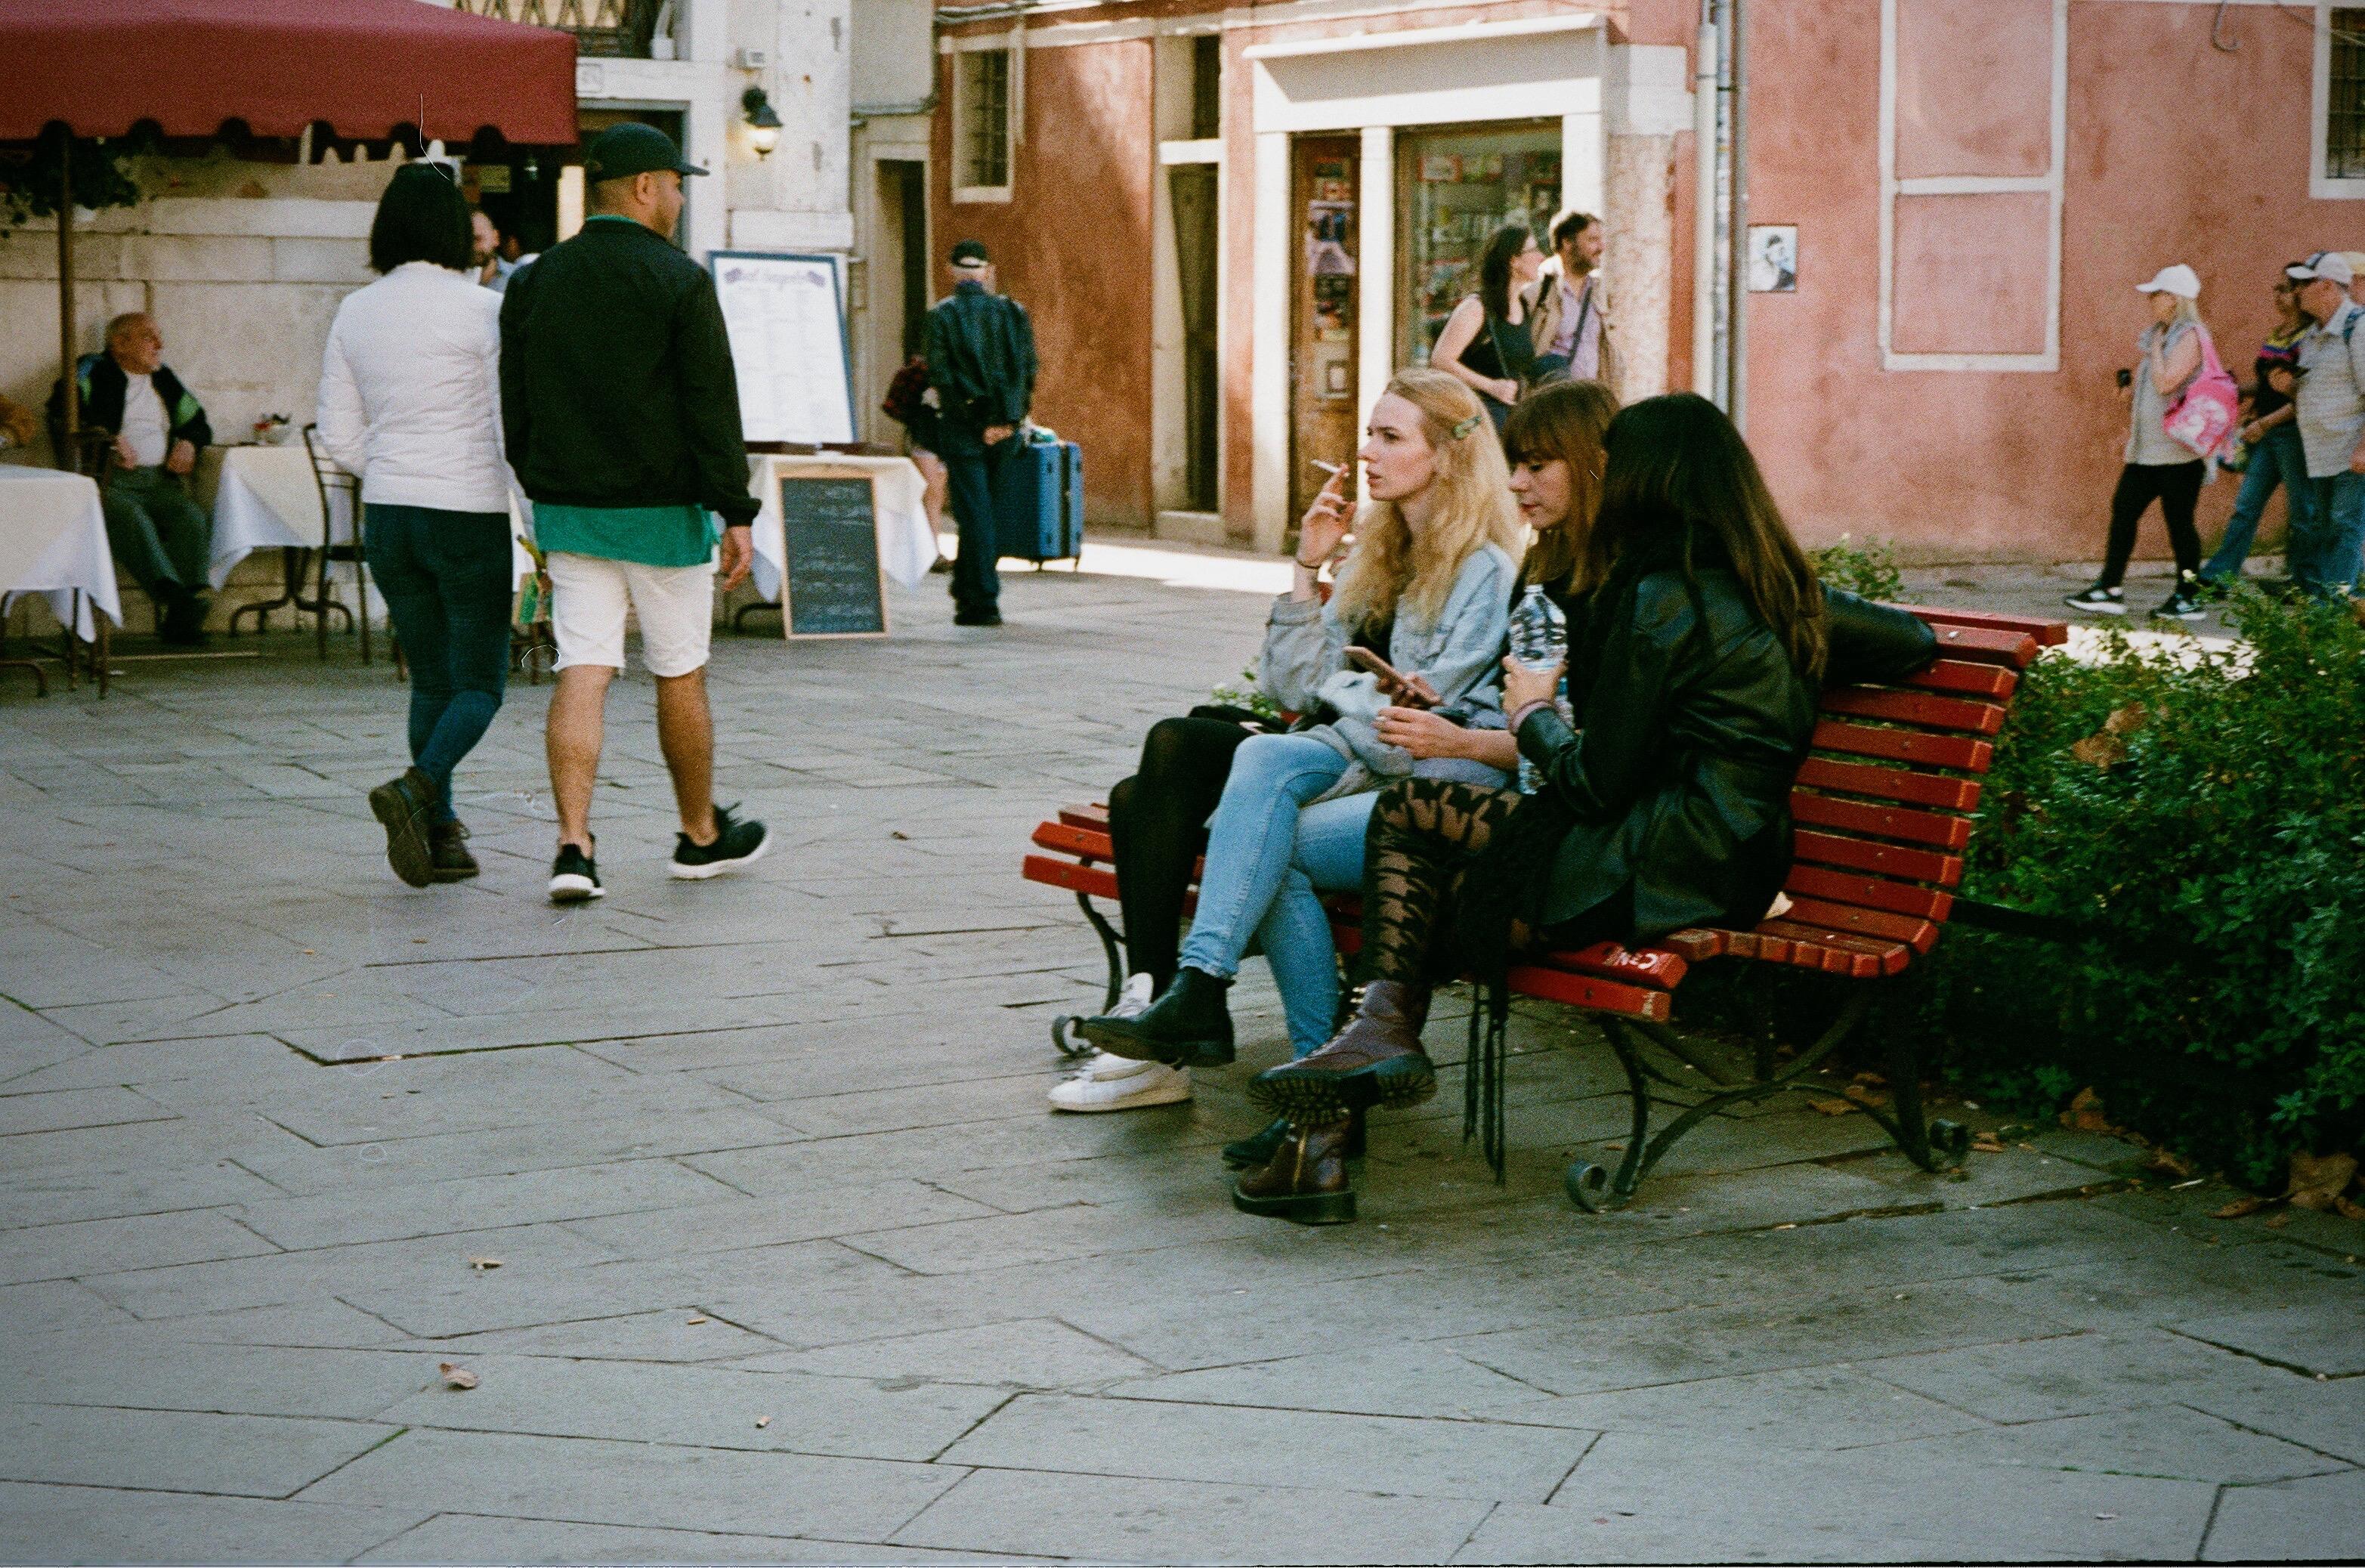 35mm Kodak Film Venice 2019